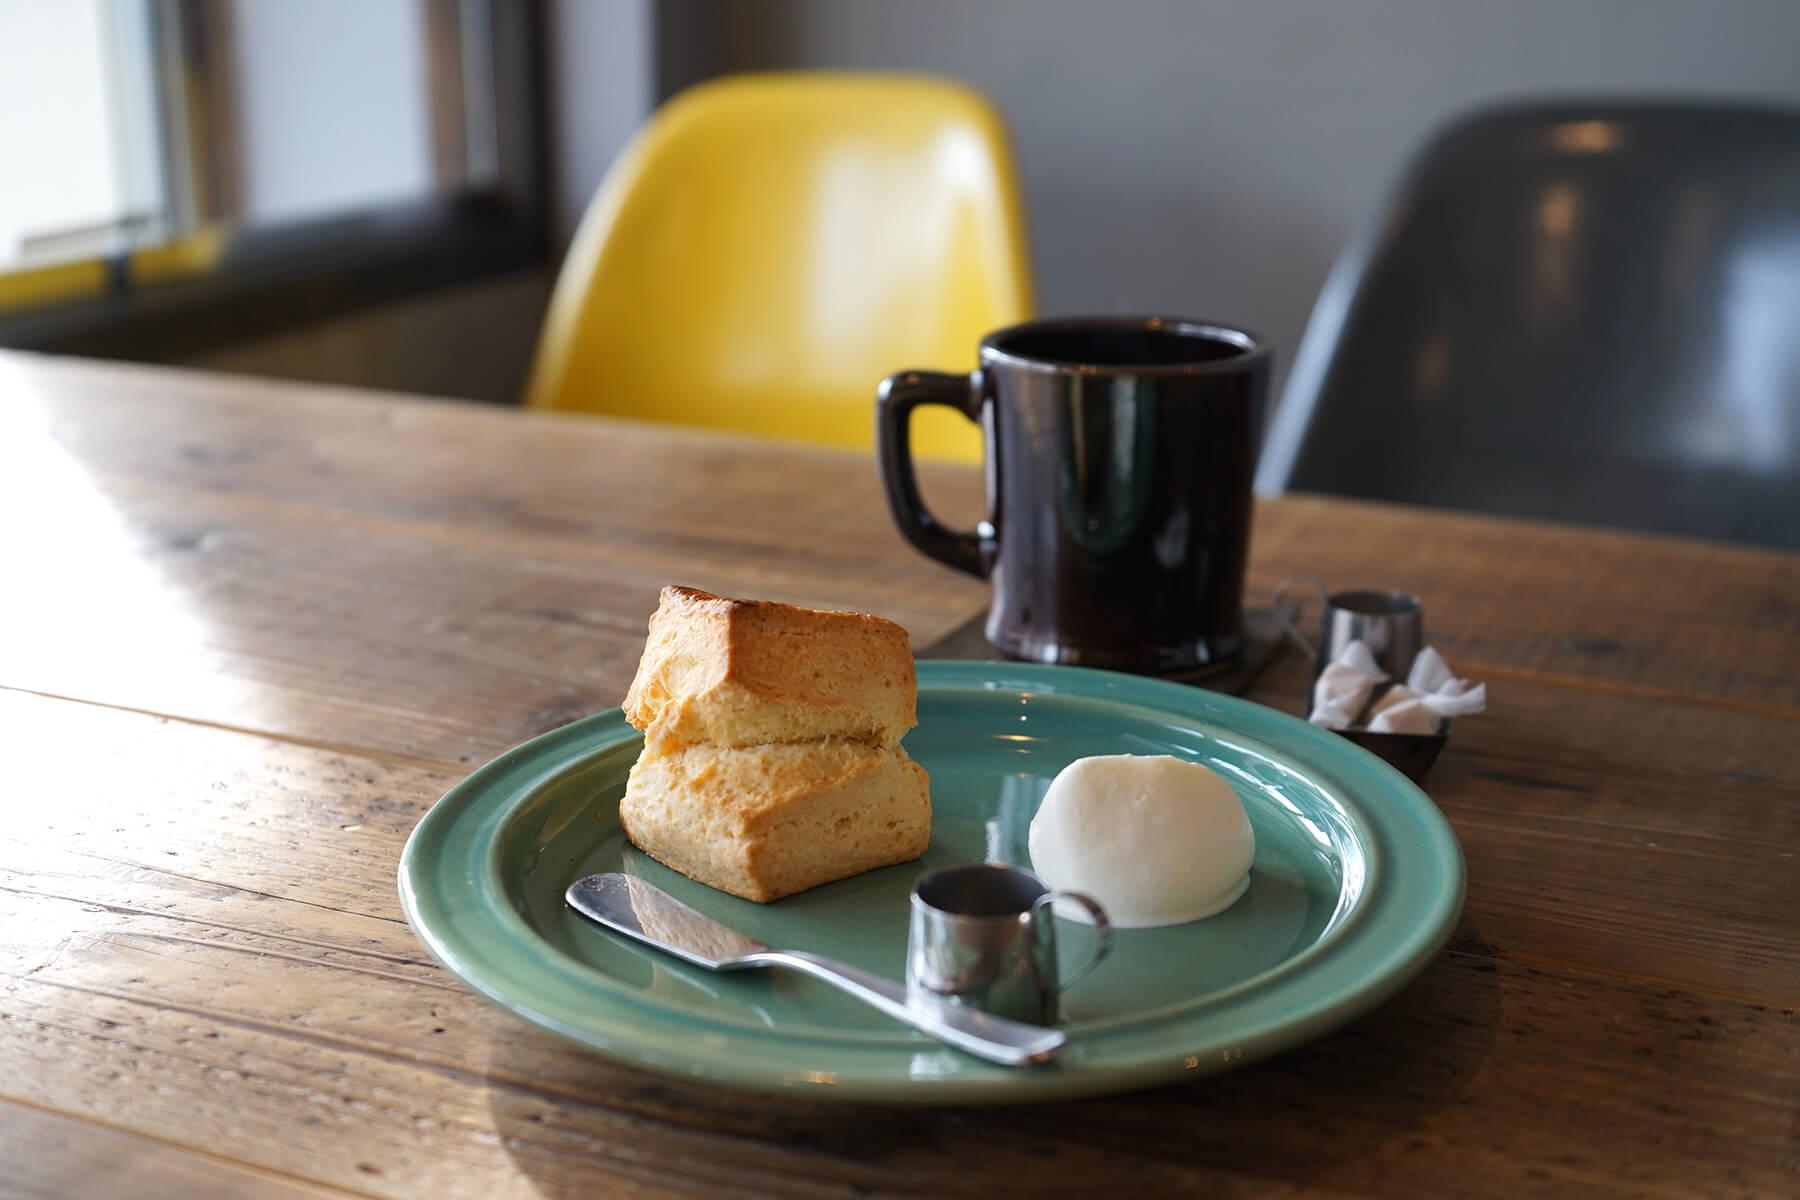 定番の「スコーン」390円(税込)と札幌の「RITARU COFFEE」の豆を使用した「コーヒー」440円(税込)。